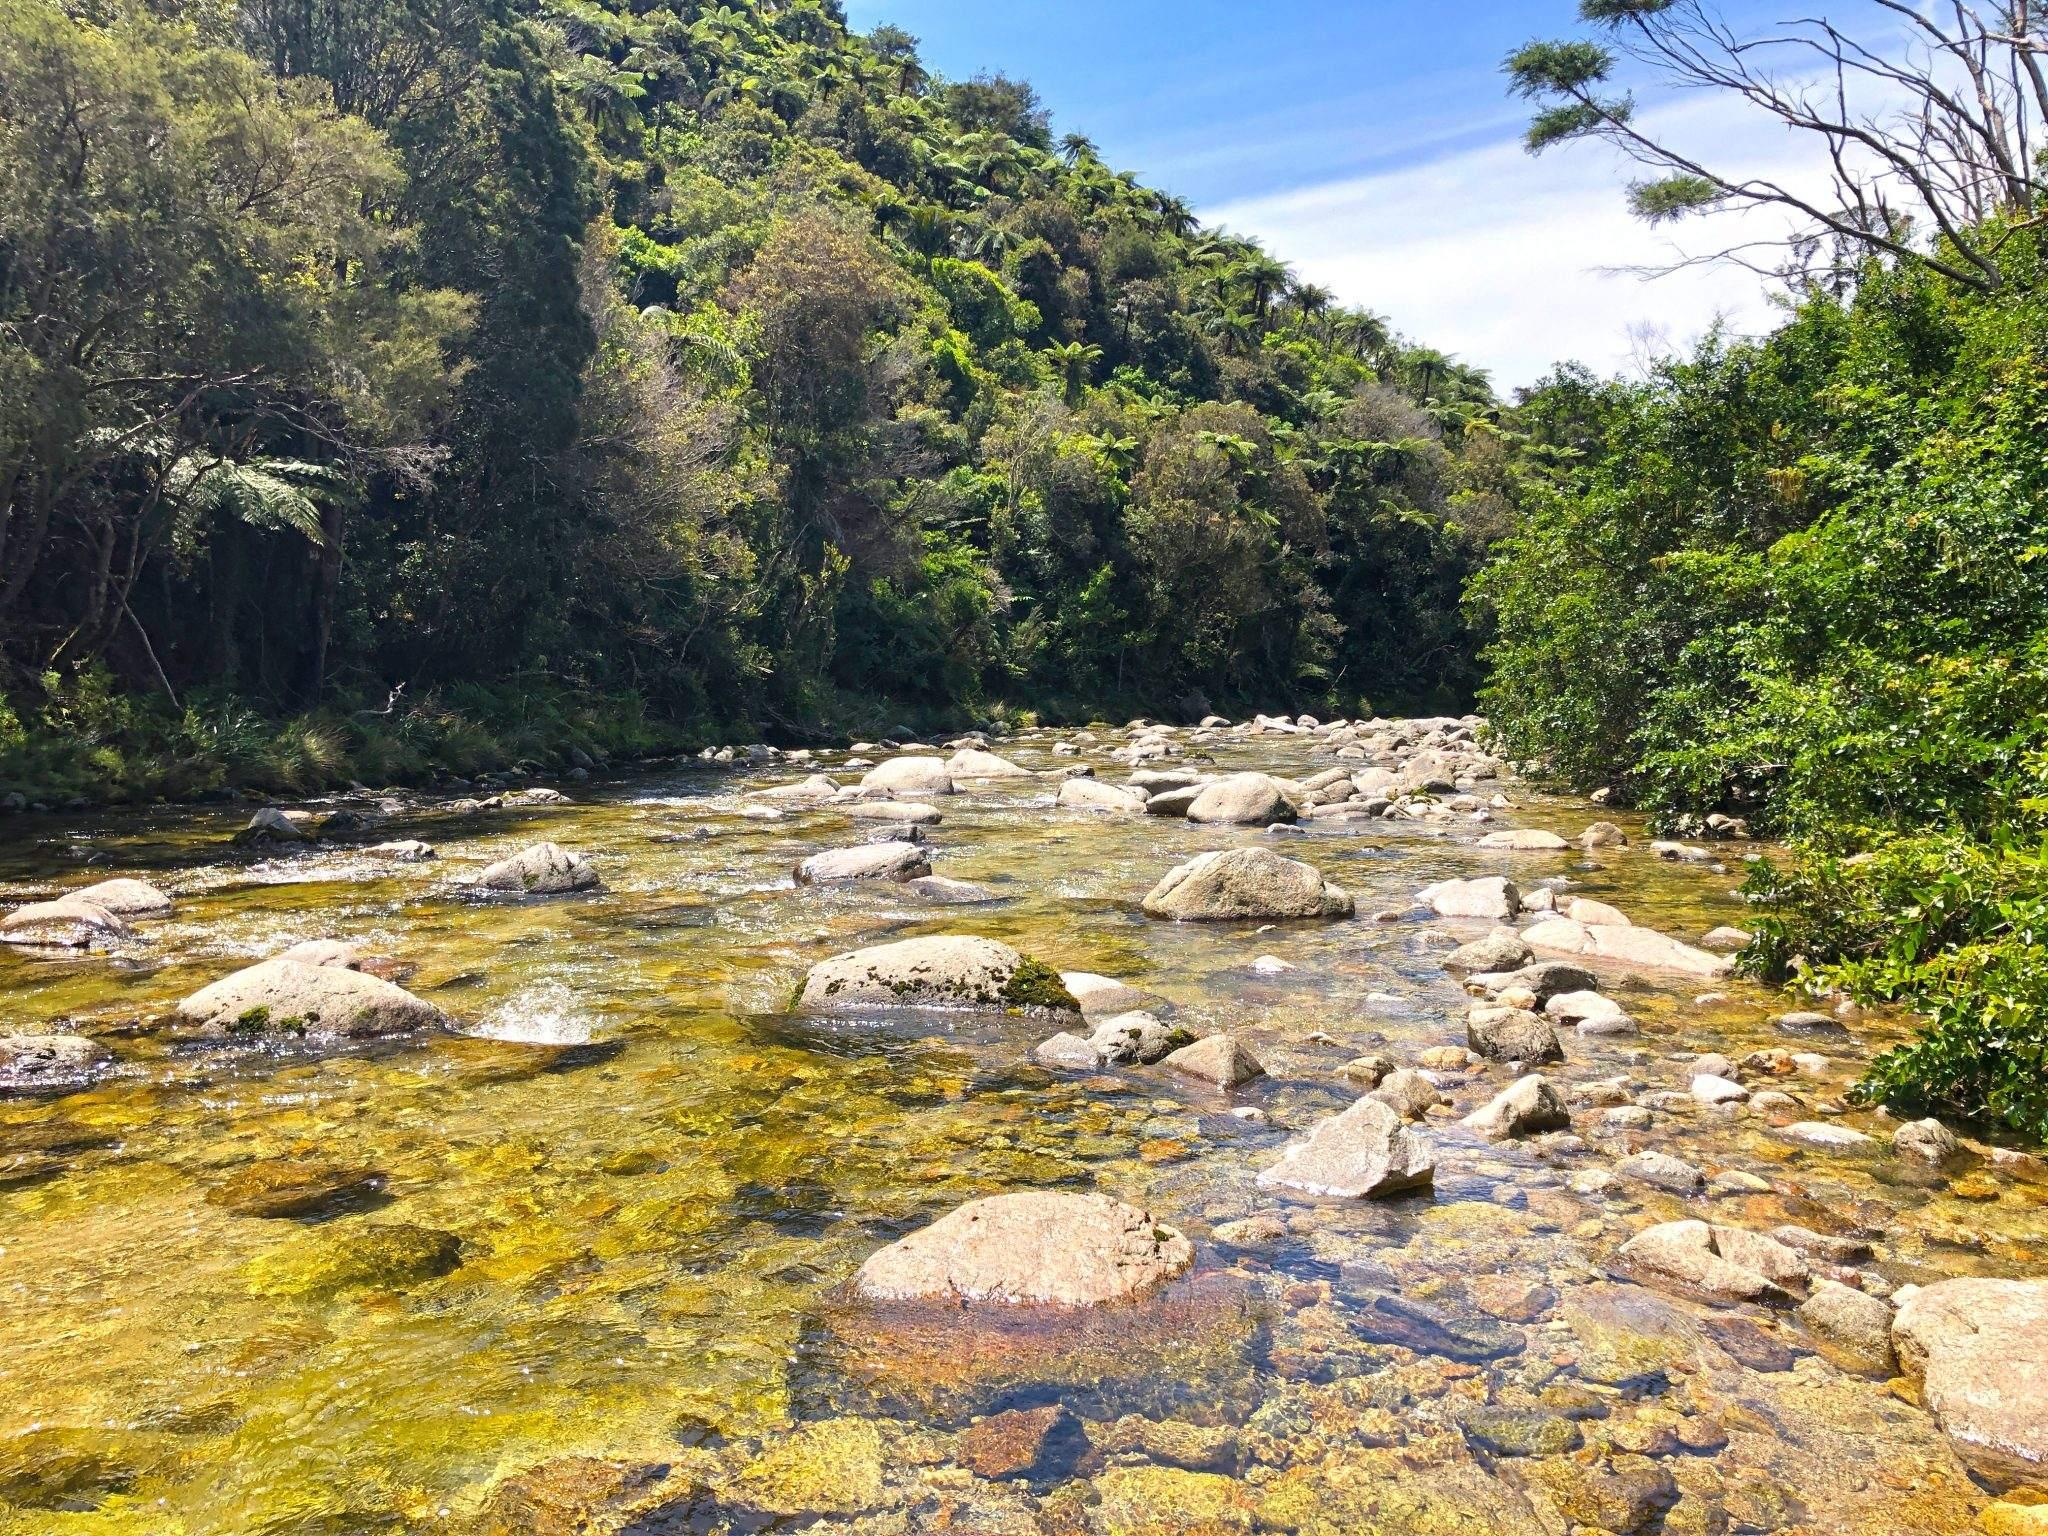 Wainui River